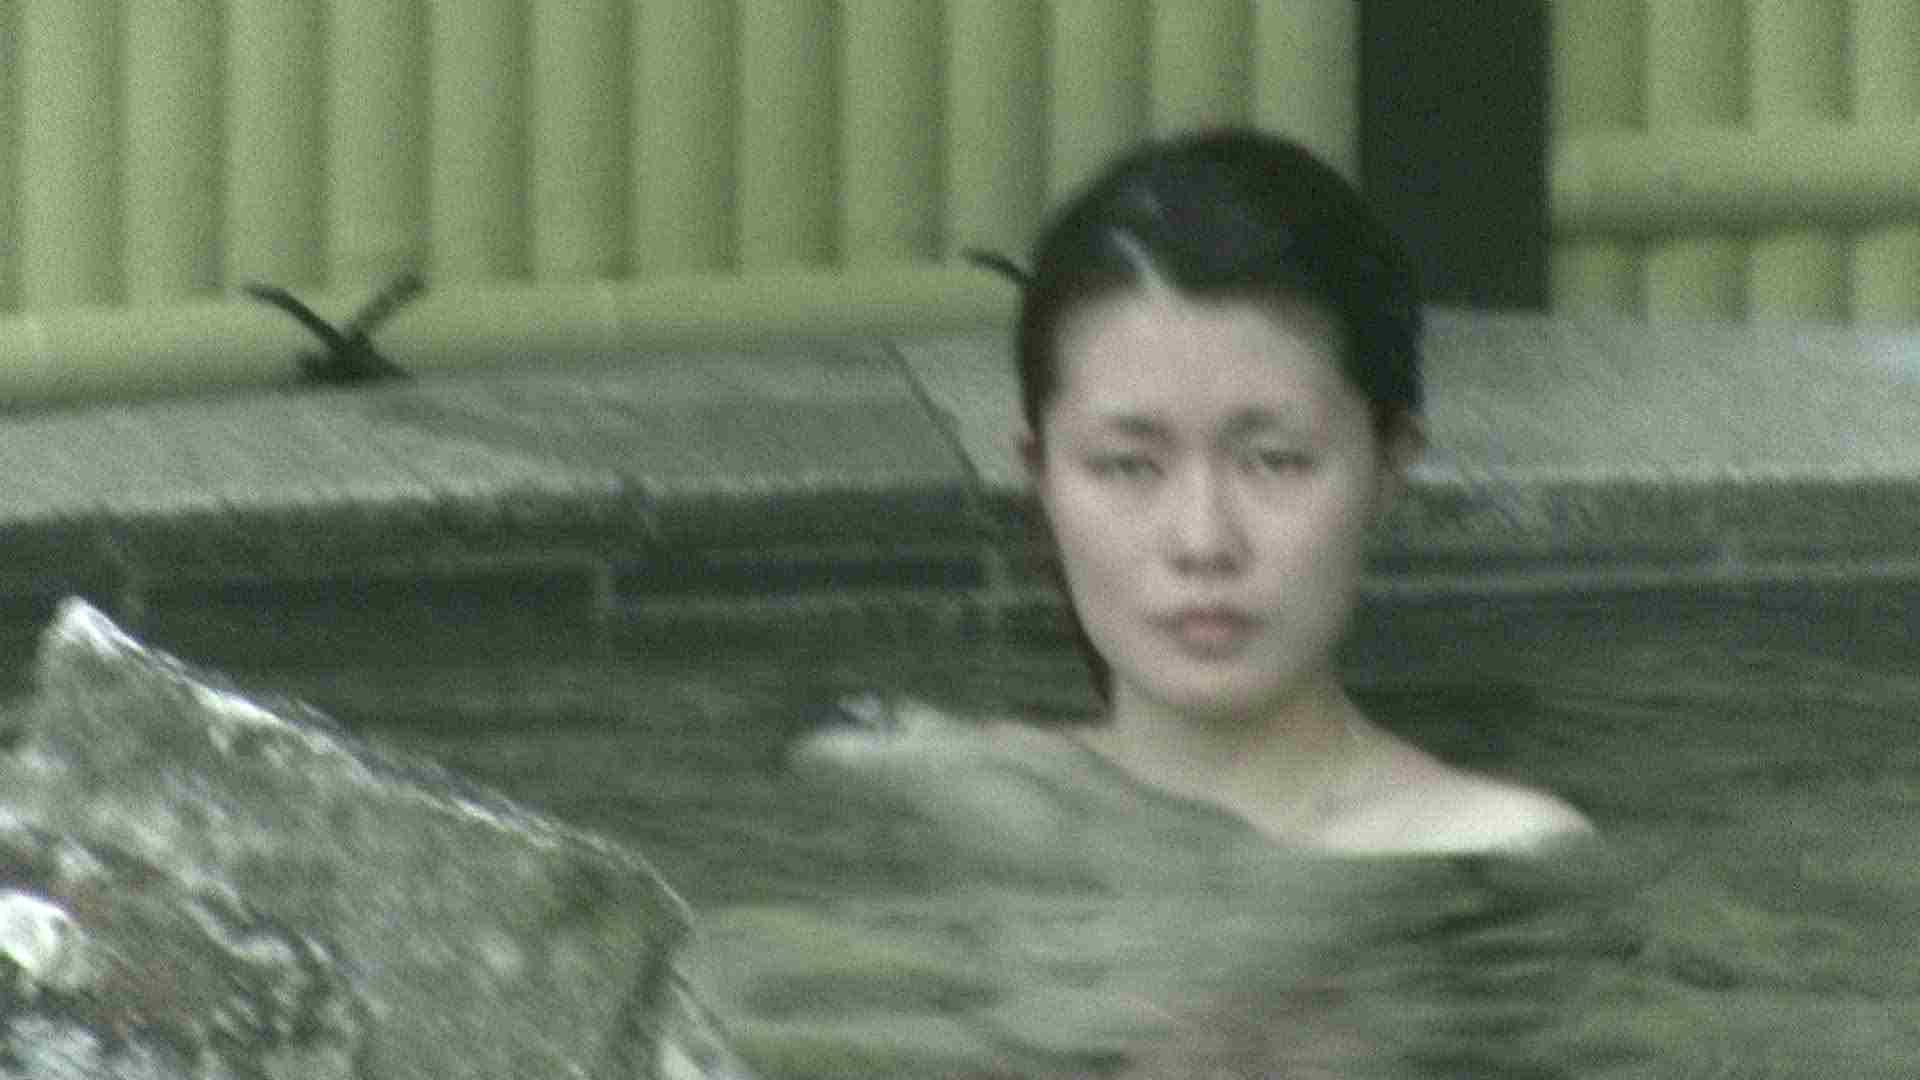 Aquaな露天風呂Vol.194 OLのエロ生活  112連発 54